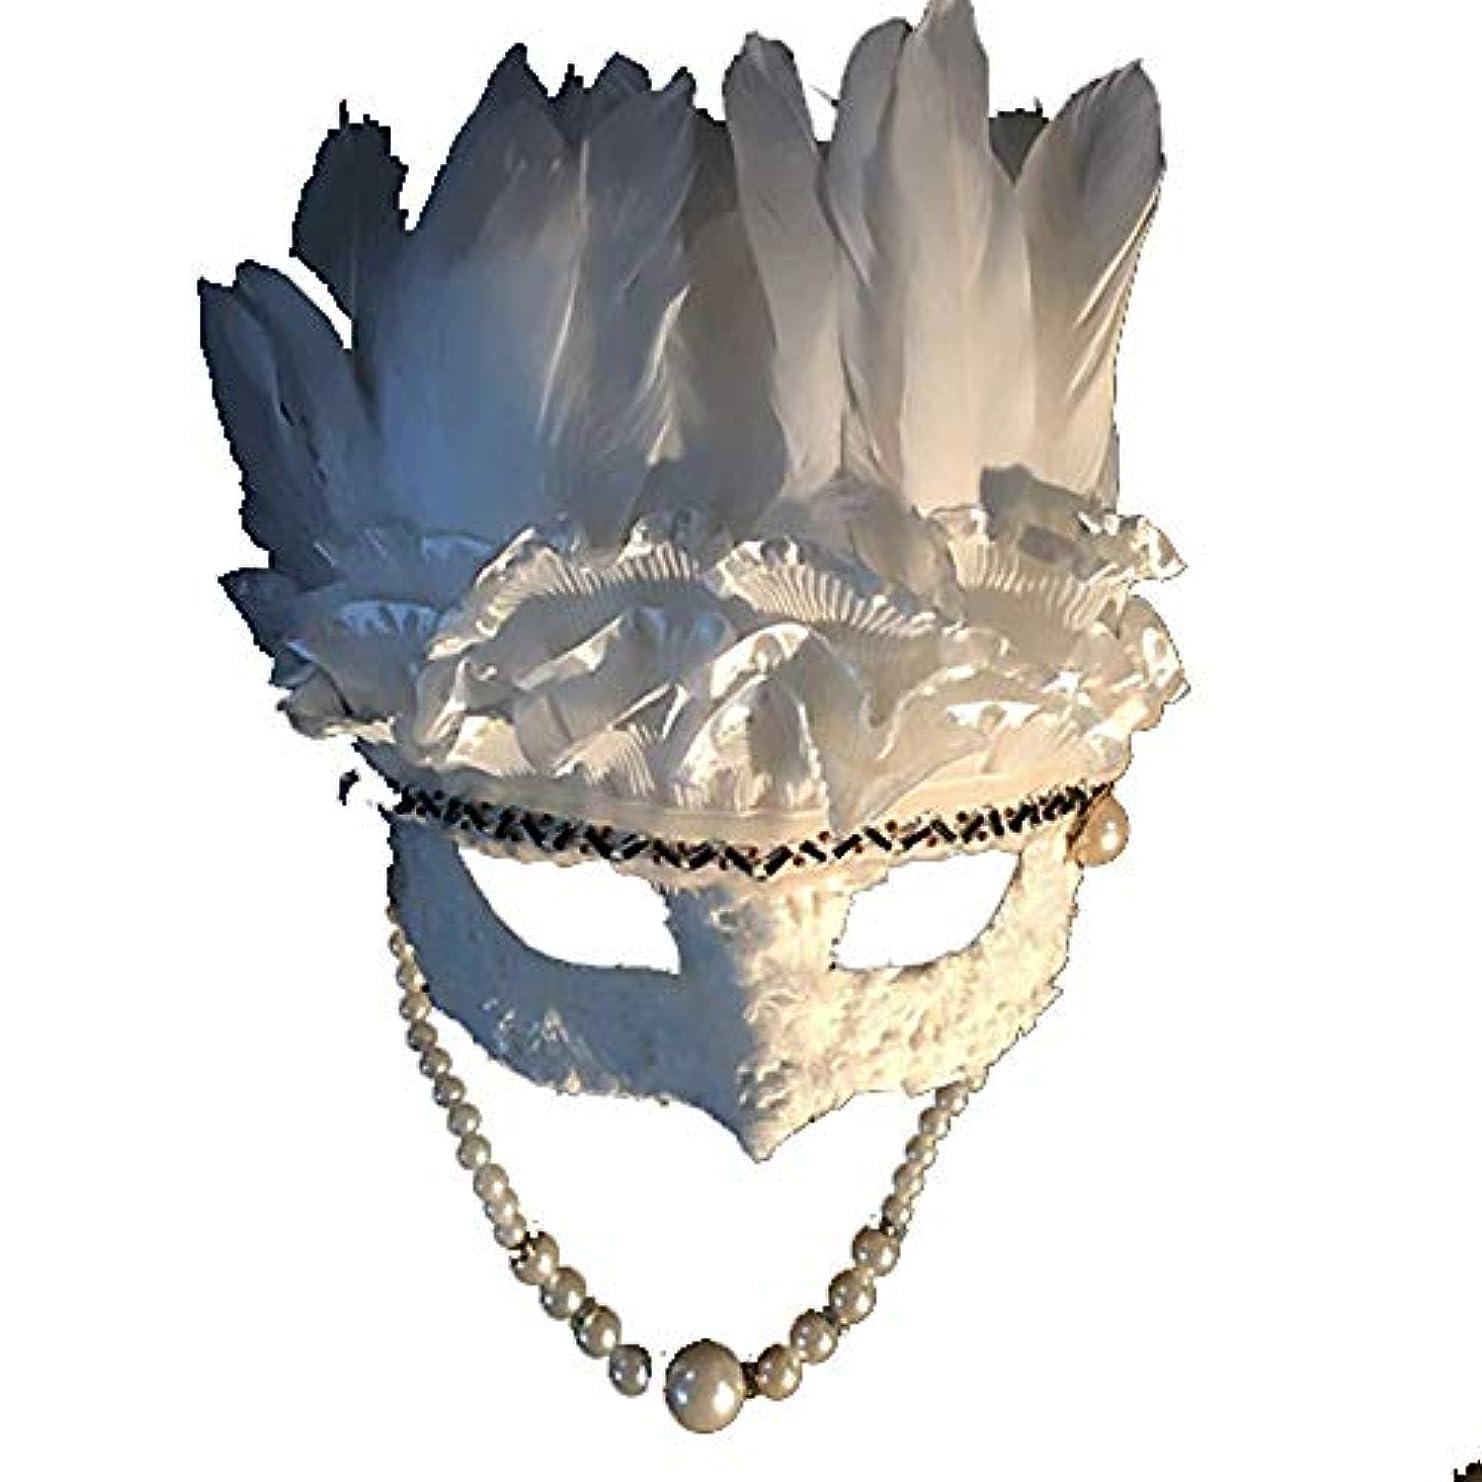 たまに技術的な聴くNanle ハロウィンクリスマスフェザースパンコール刺繍ビーズマスク仮装マスクレディミスプリンセス美容祭パーティーデコレーションマスク